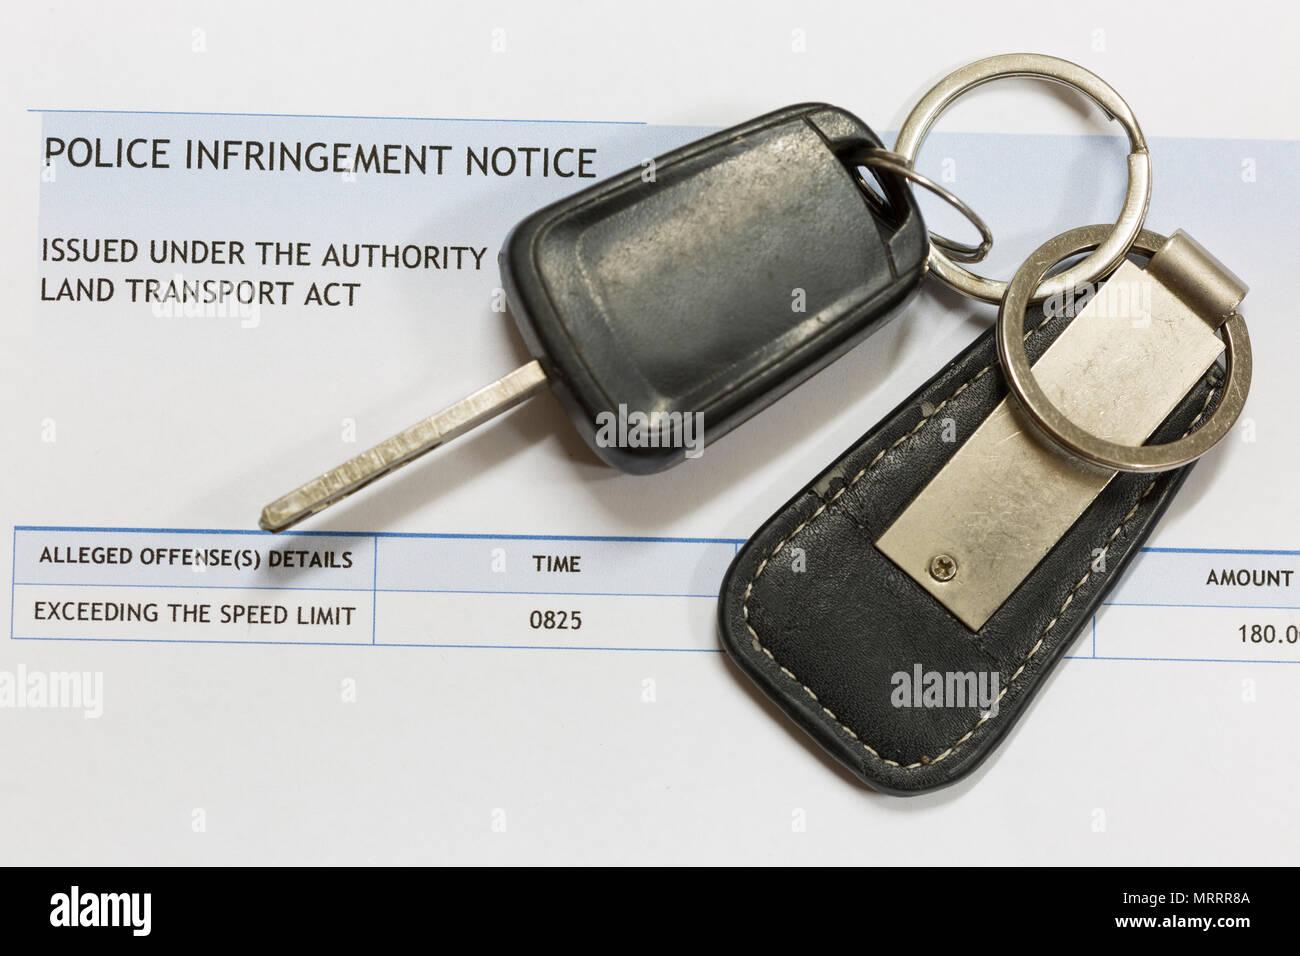 Las llaves del coche y un aviso de infracción de policía, perder una licencia por exceso de velocidad. Imagen De Stock